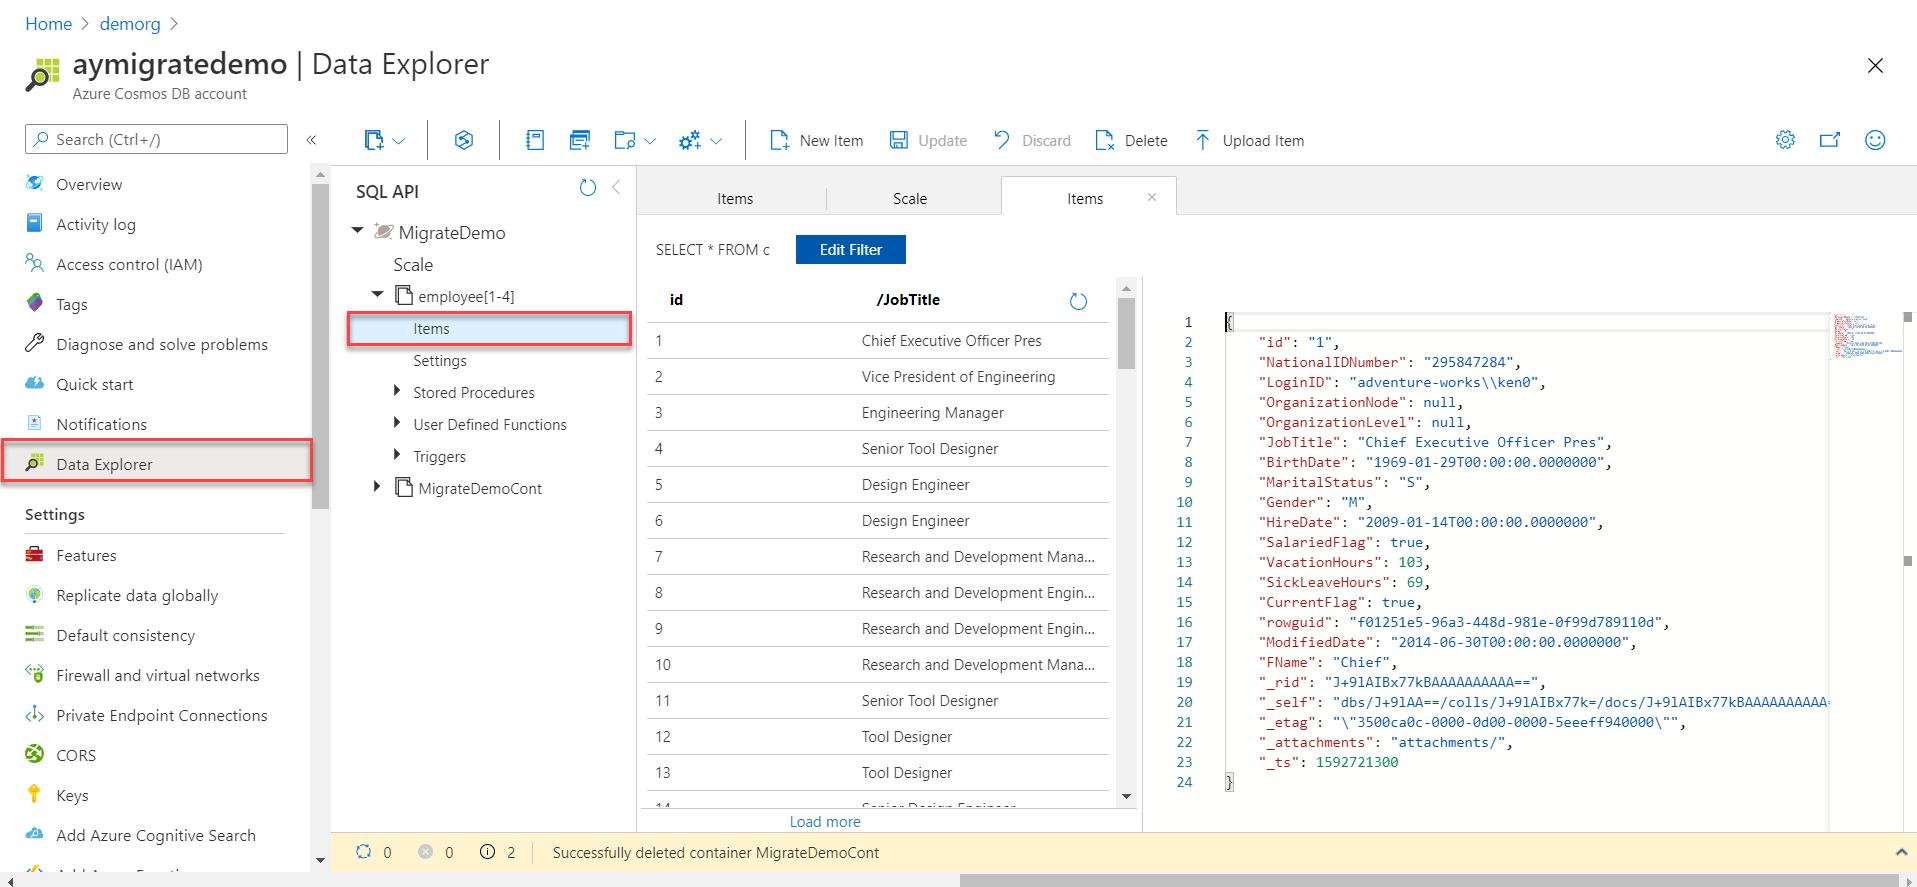 Validar dados usando o Data Explorer